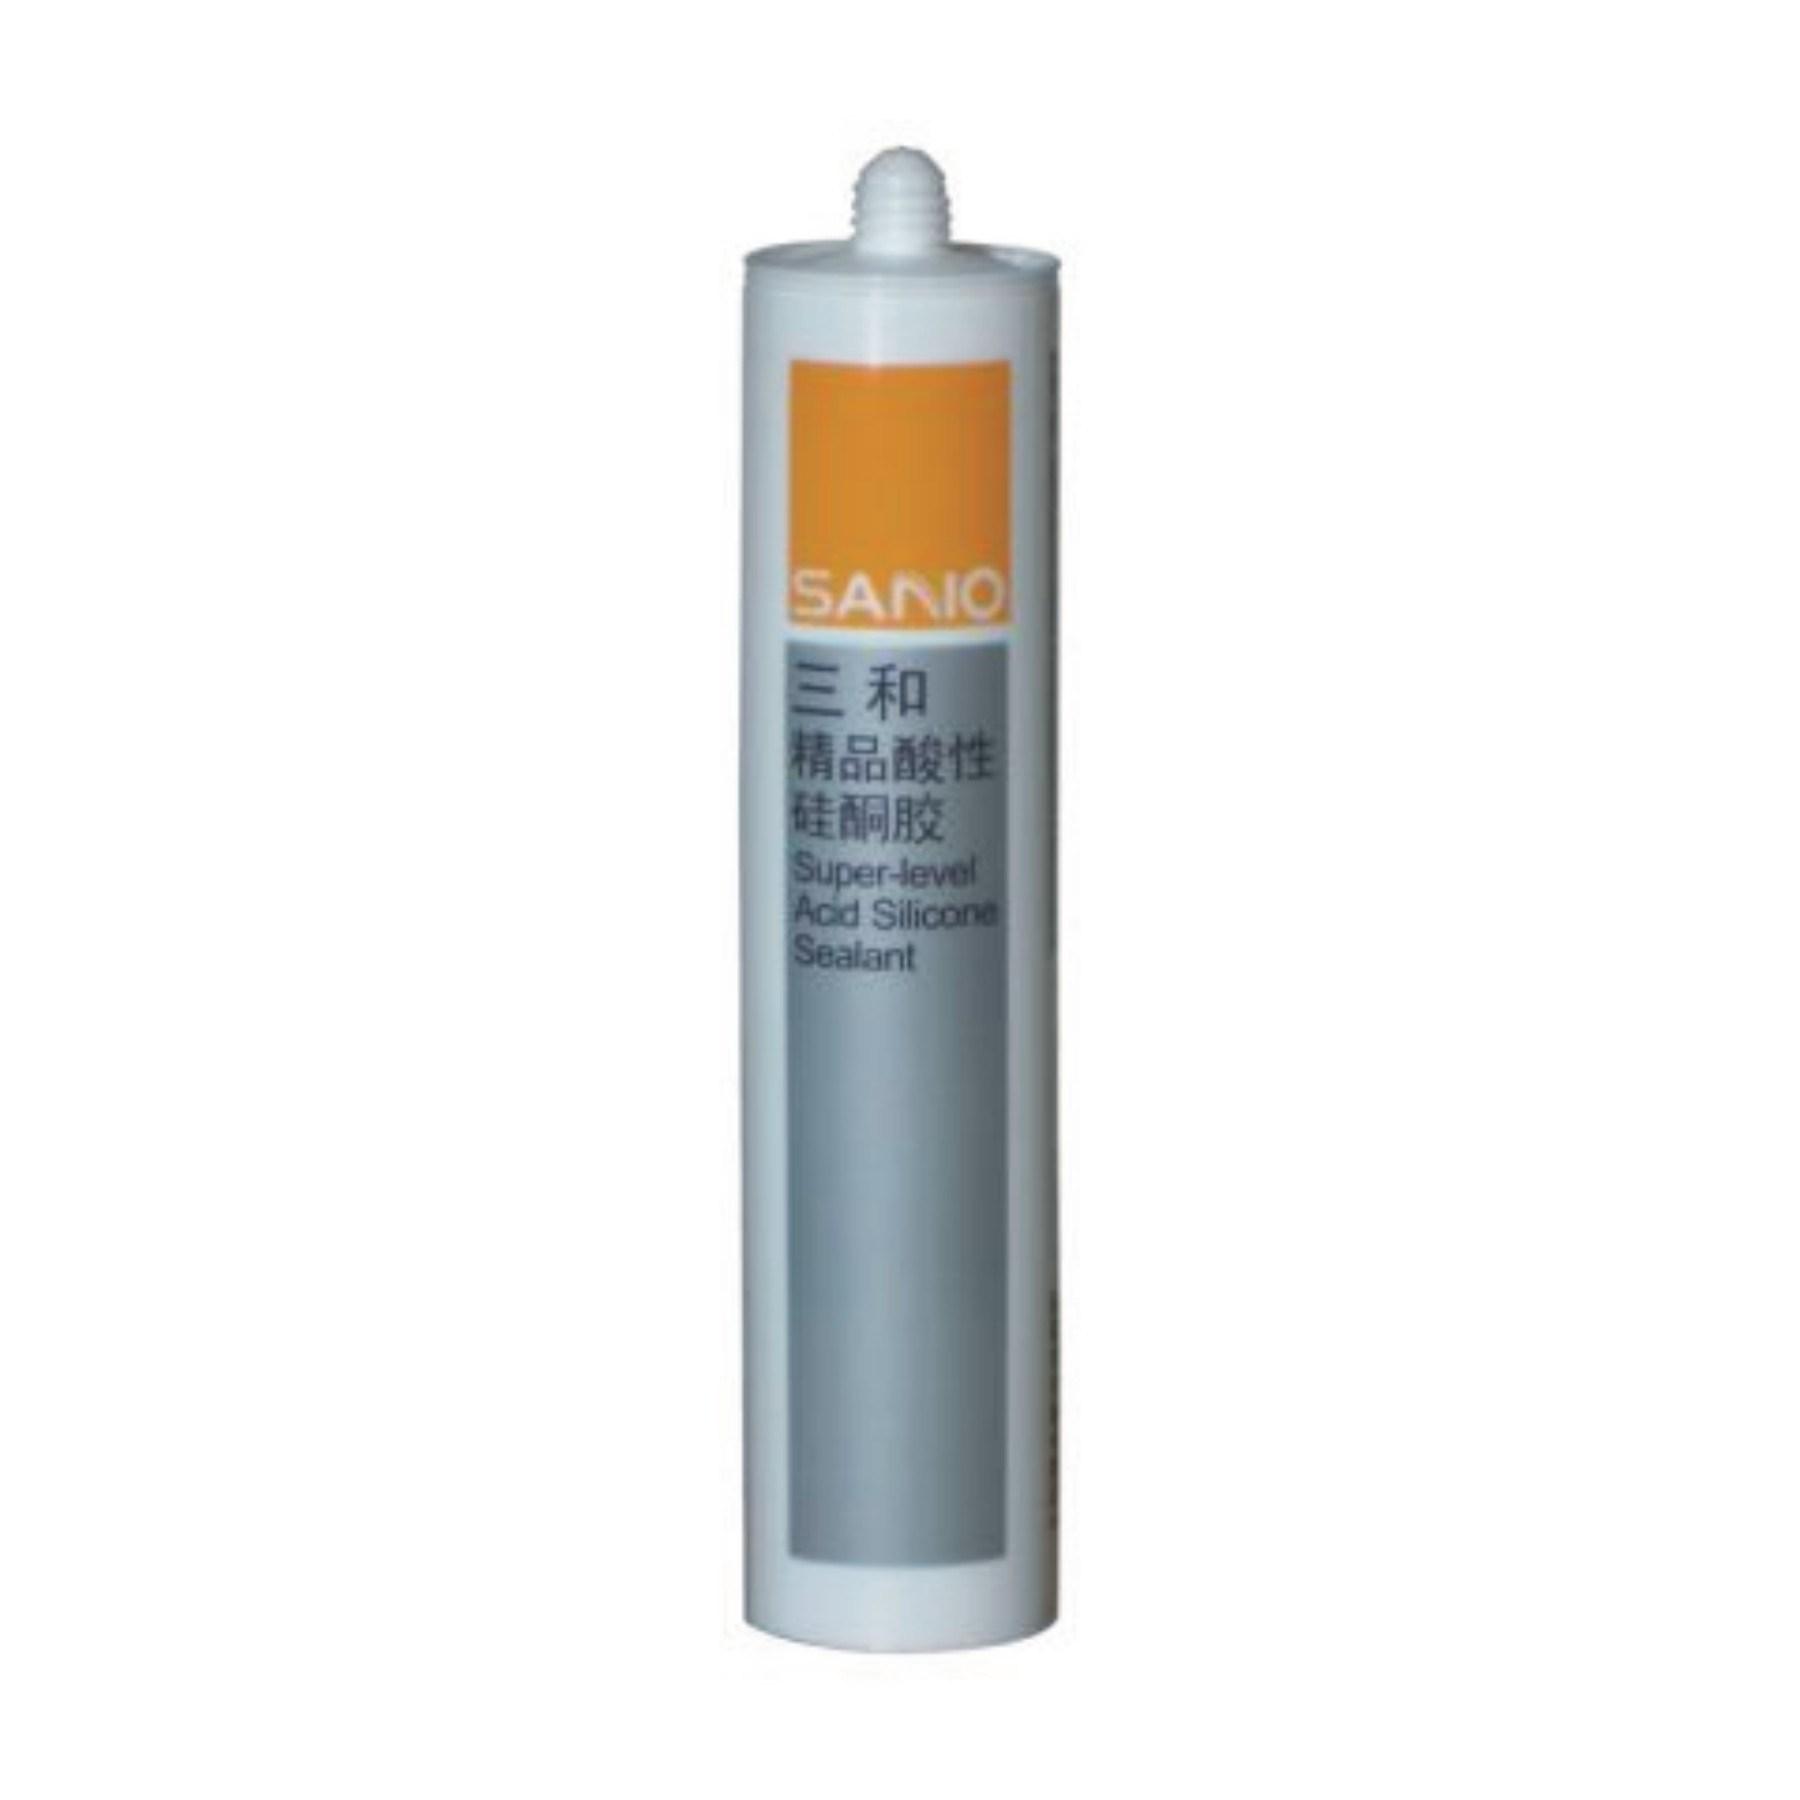 Glass Silicone Sealant 103